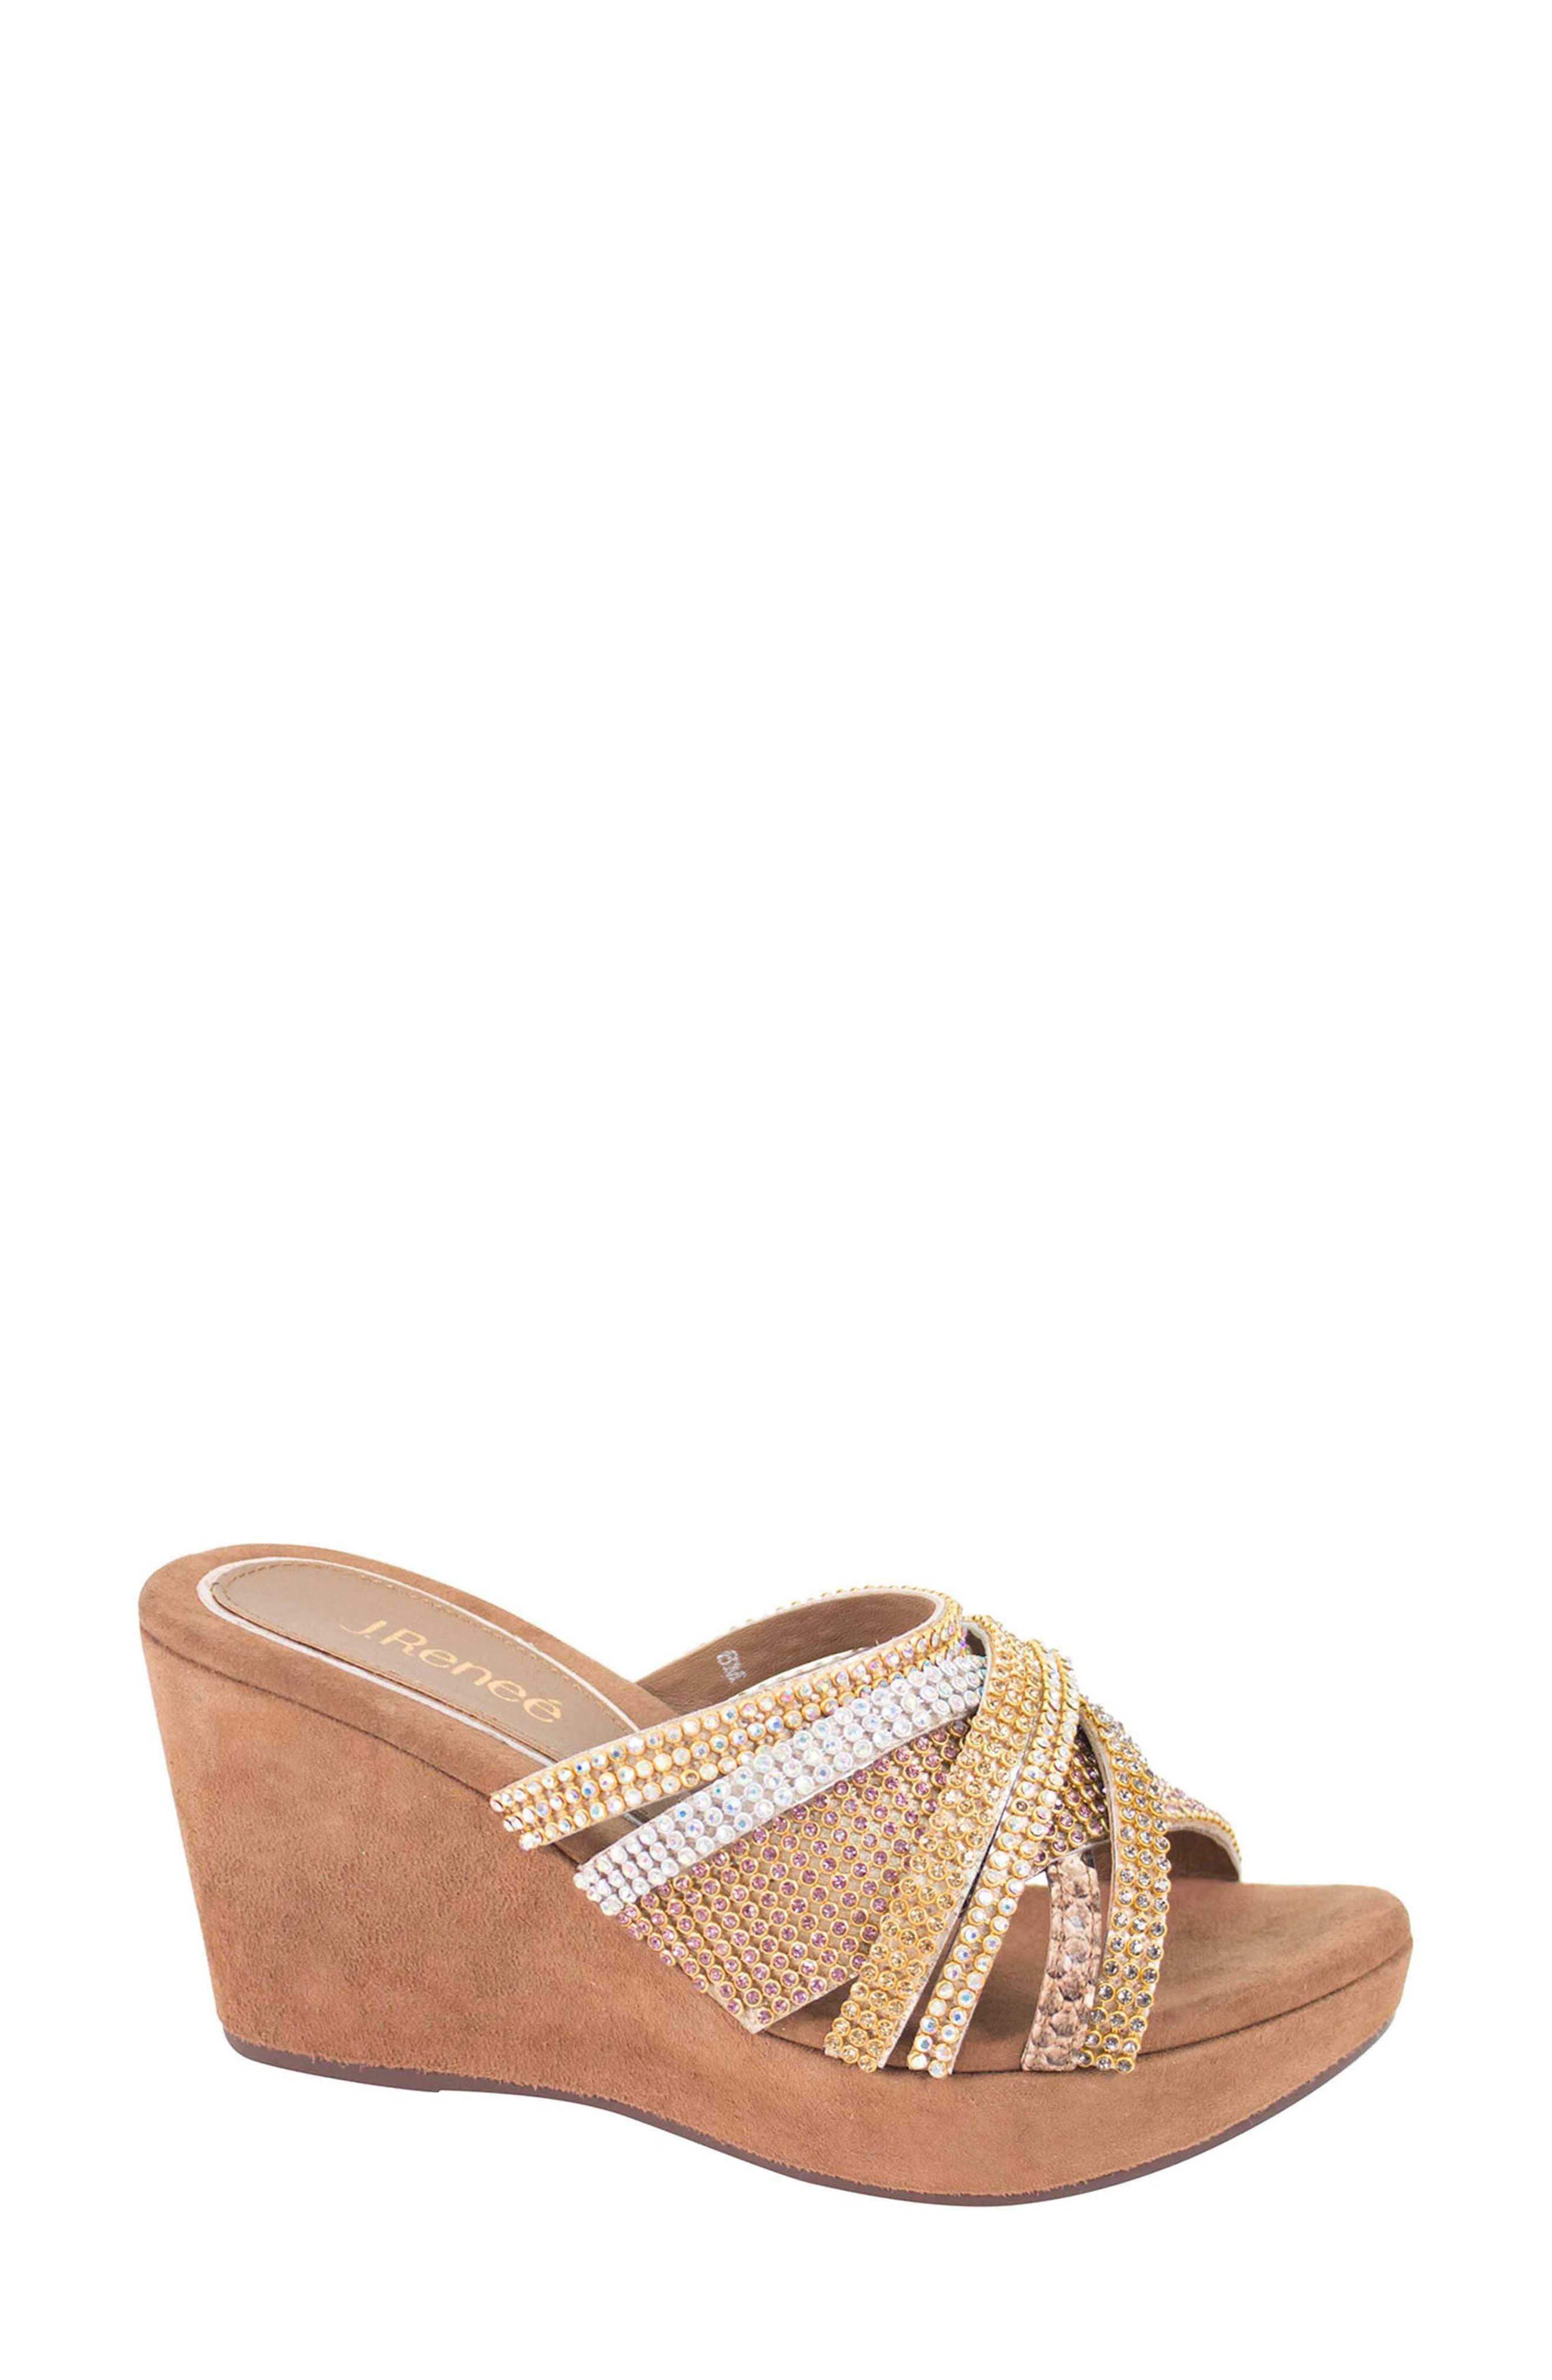 J. Reneé Hardscrabble Wedge Sandal (Women)